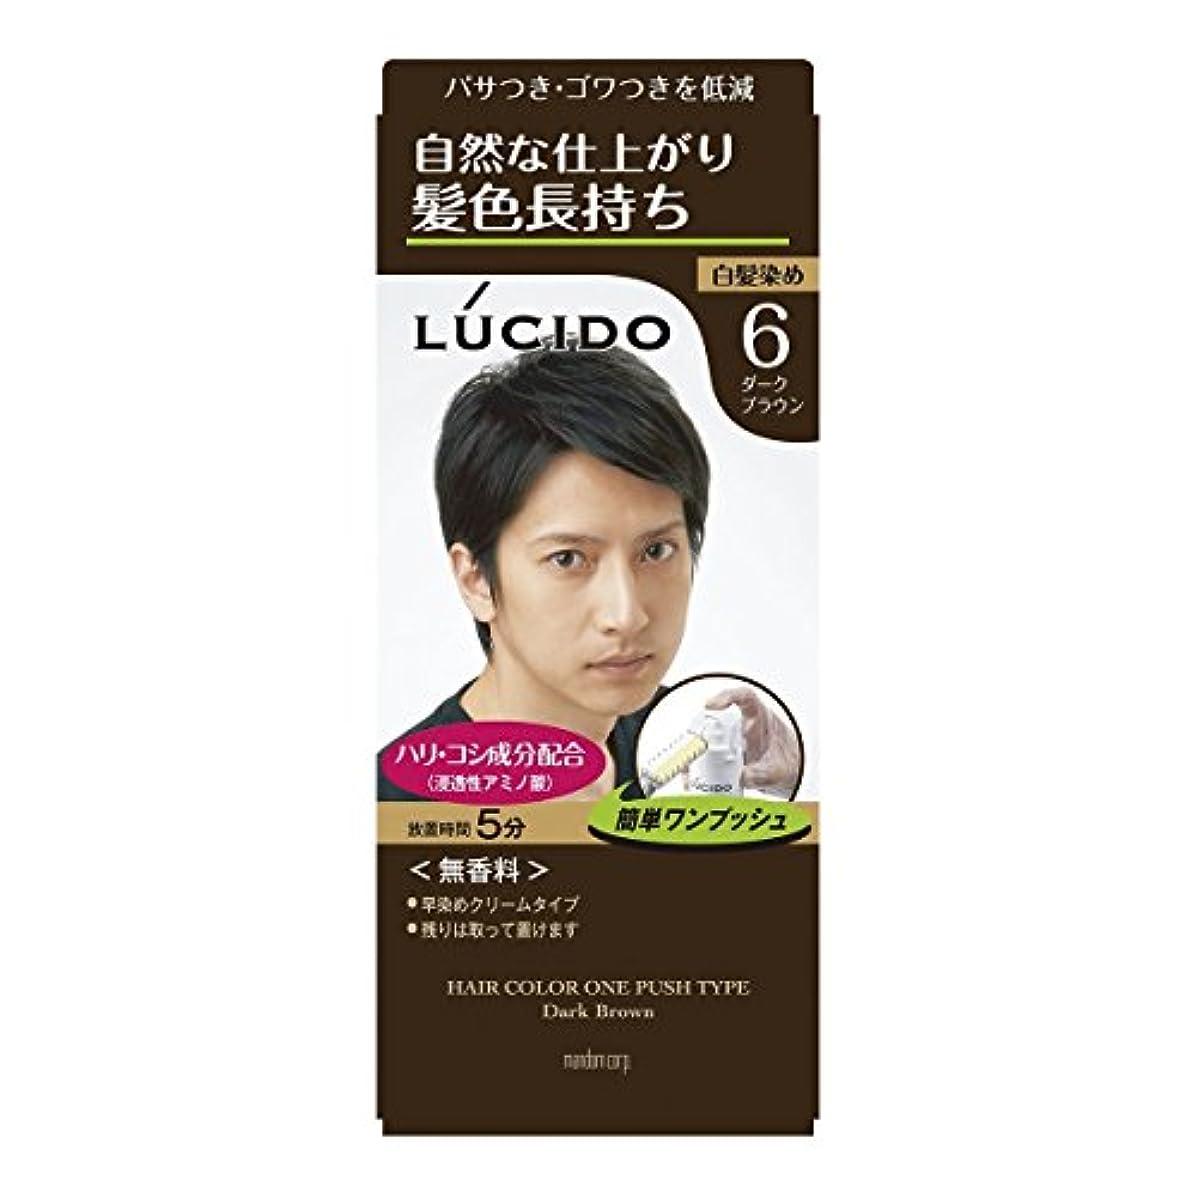 【マンダム】ルシード ワンプッシュケアカラー 6 ダークブラウン 1剤50g?2剤50g ×20個セット